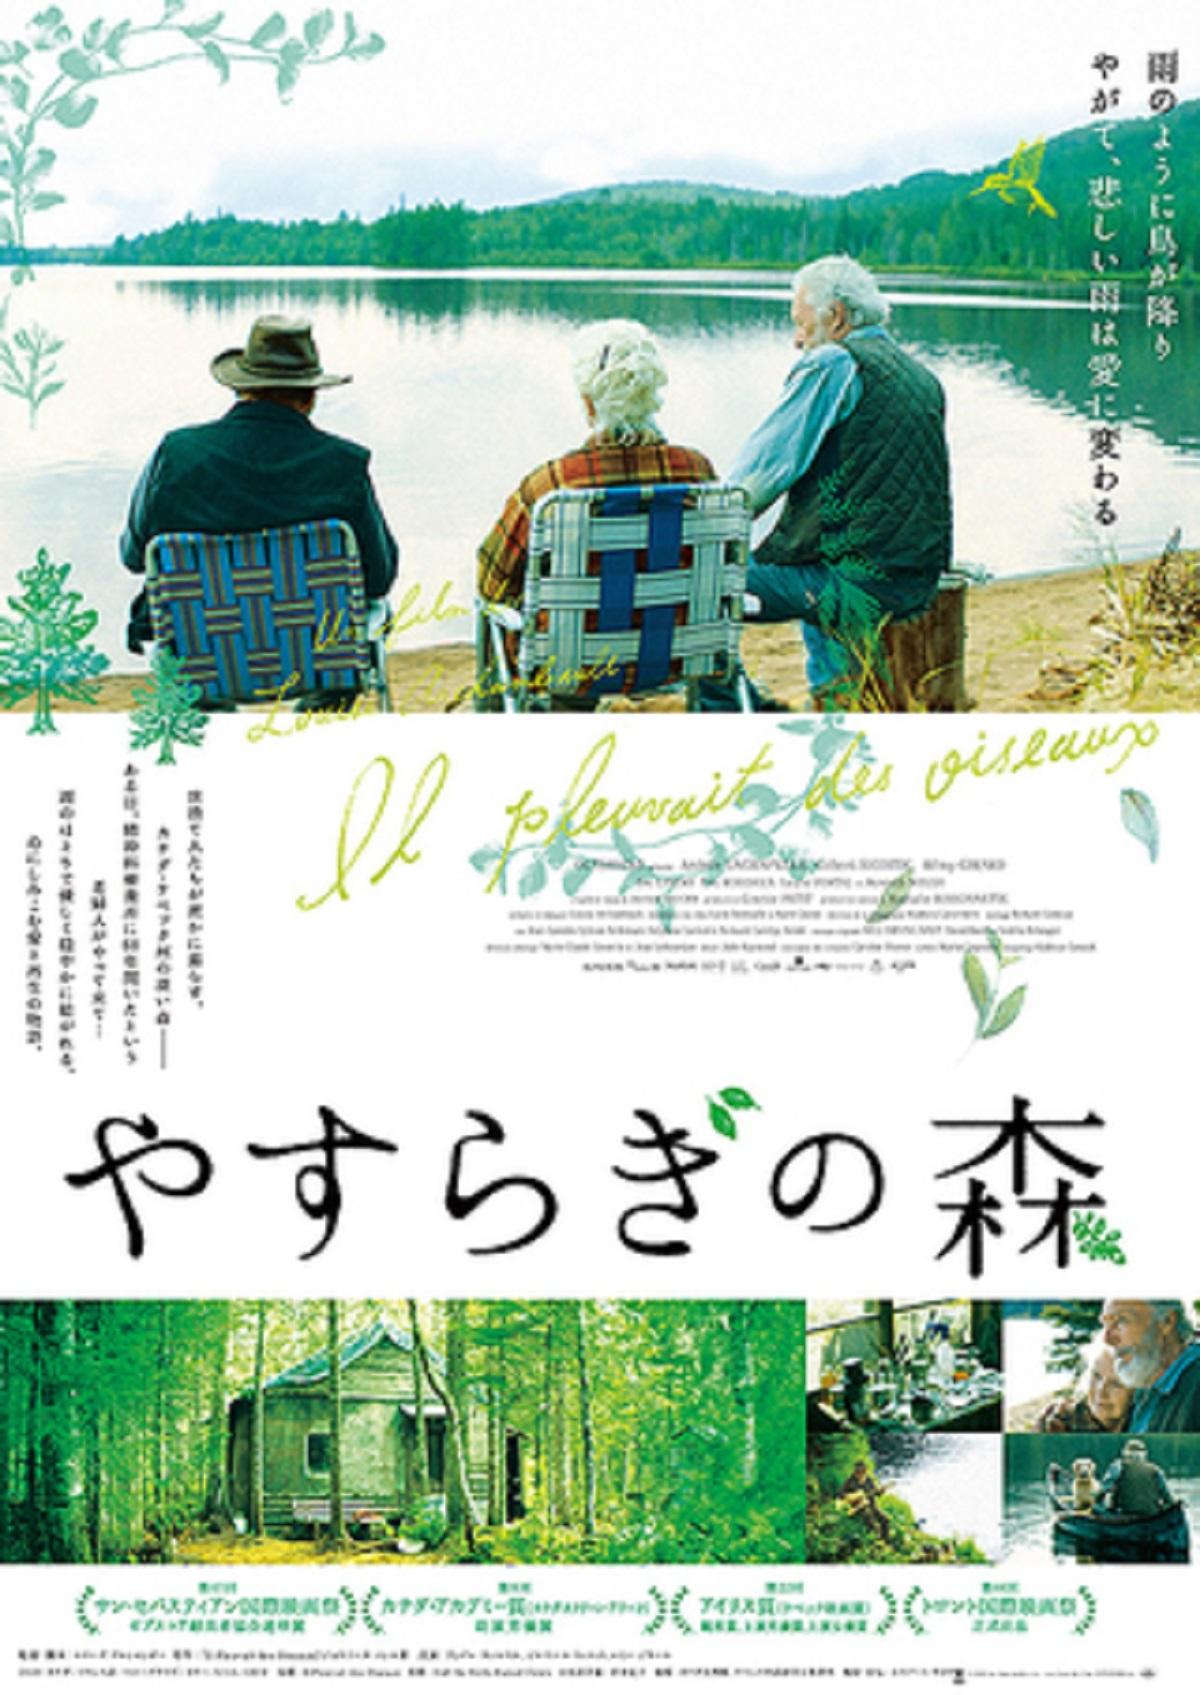 映画『安らぎの森』ポスター